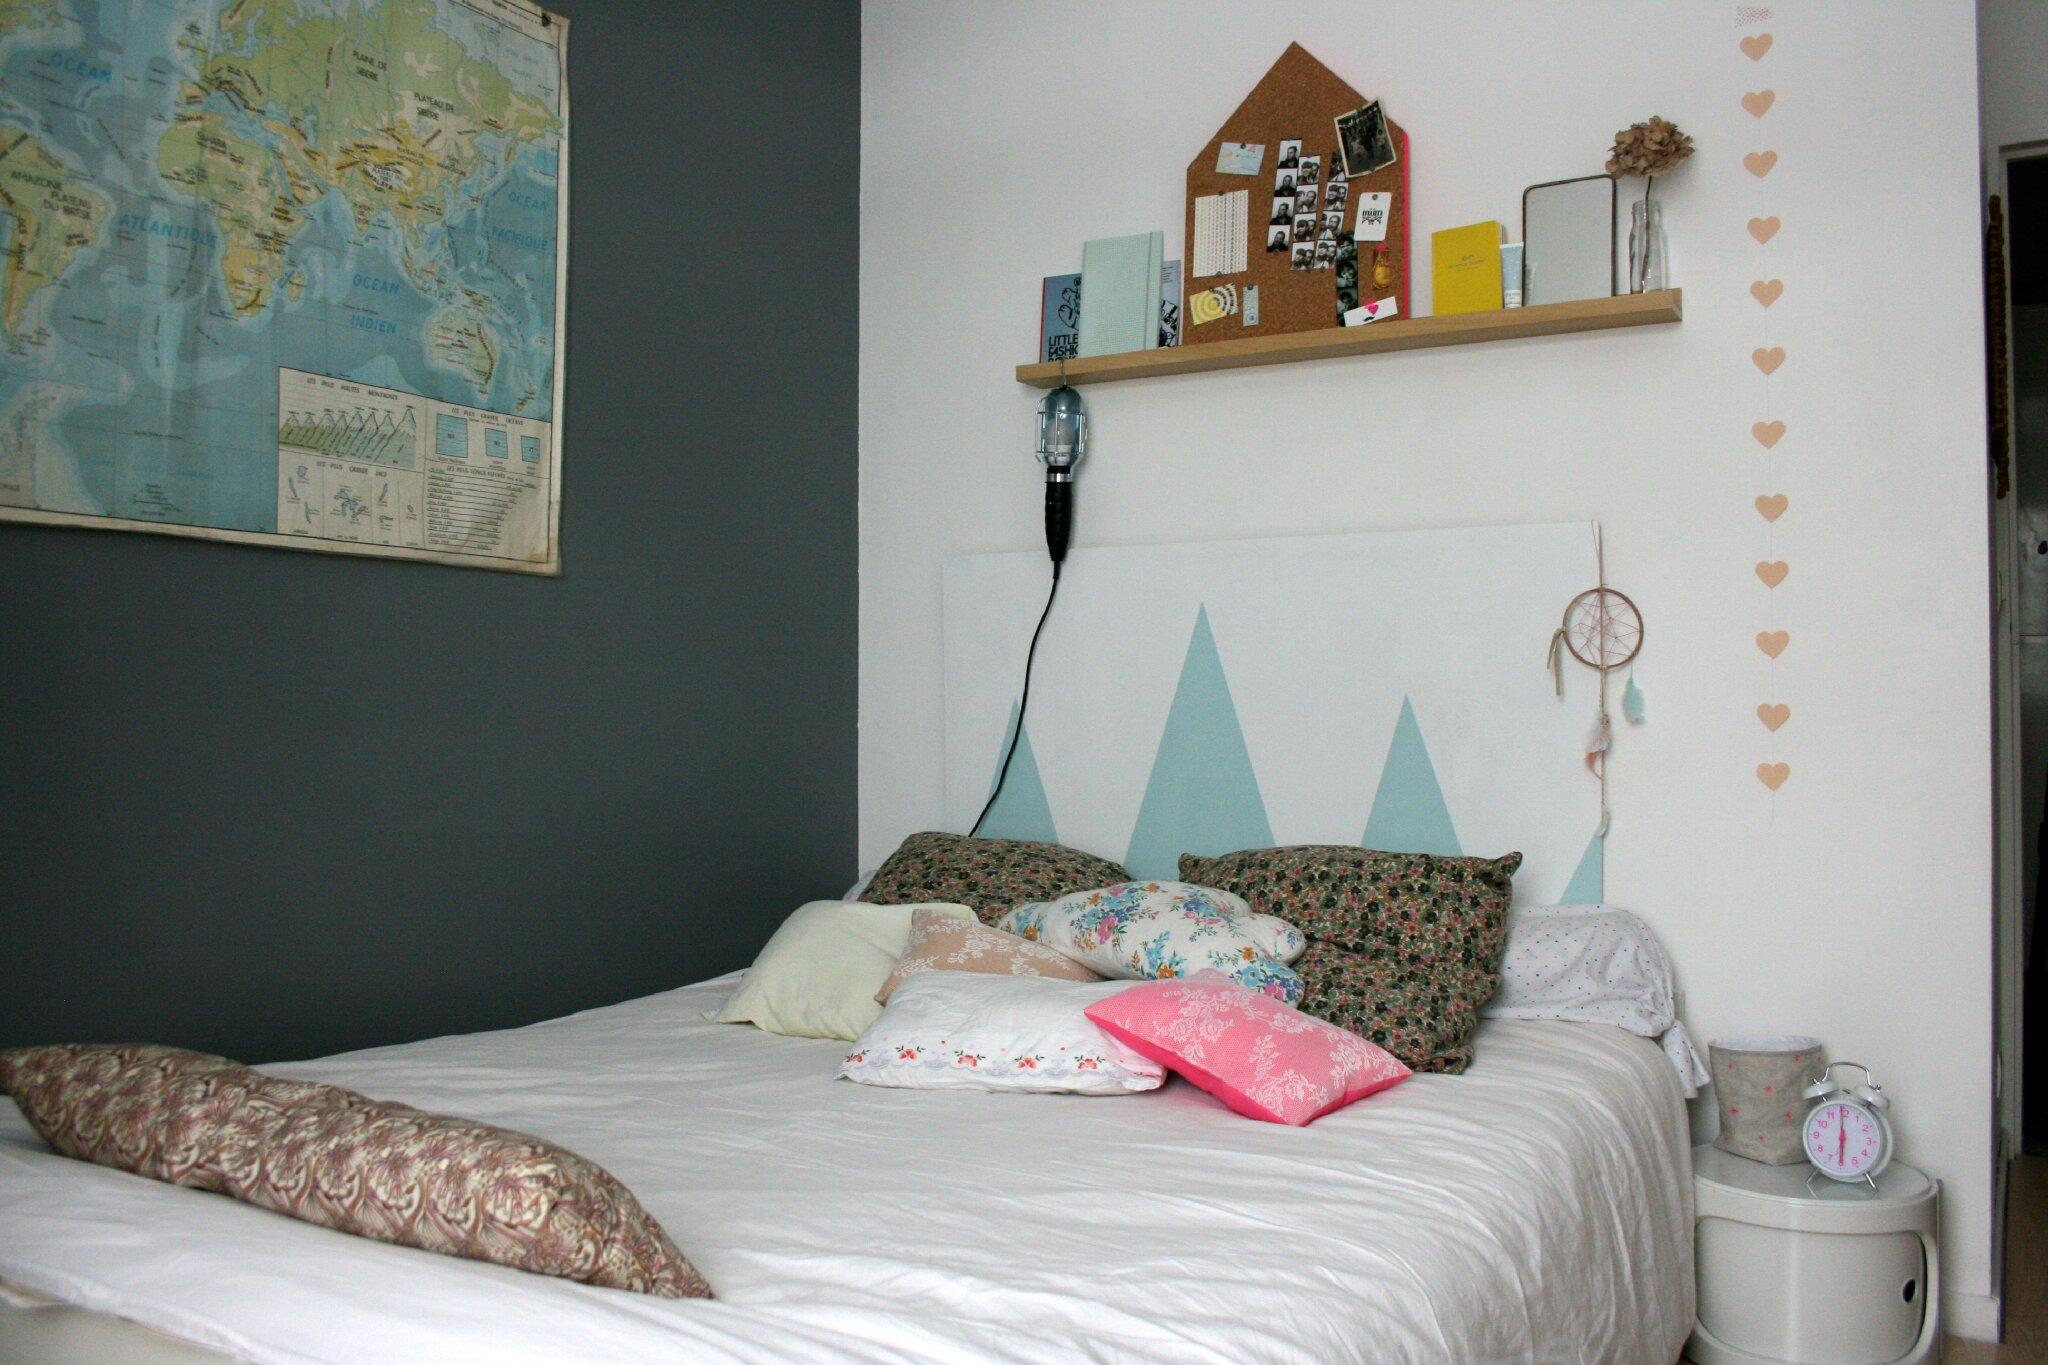 La t te de lit emilie sans chichi - Peindre une tete de lit ...